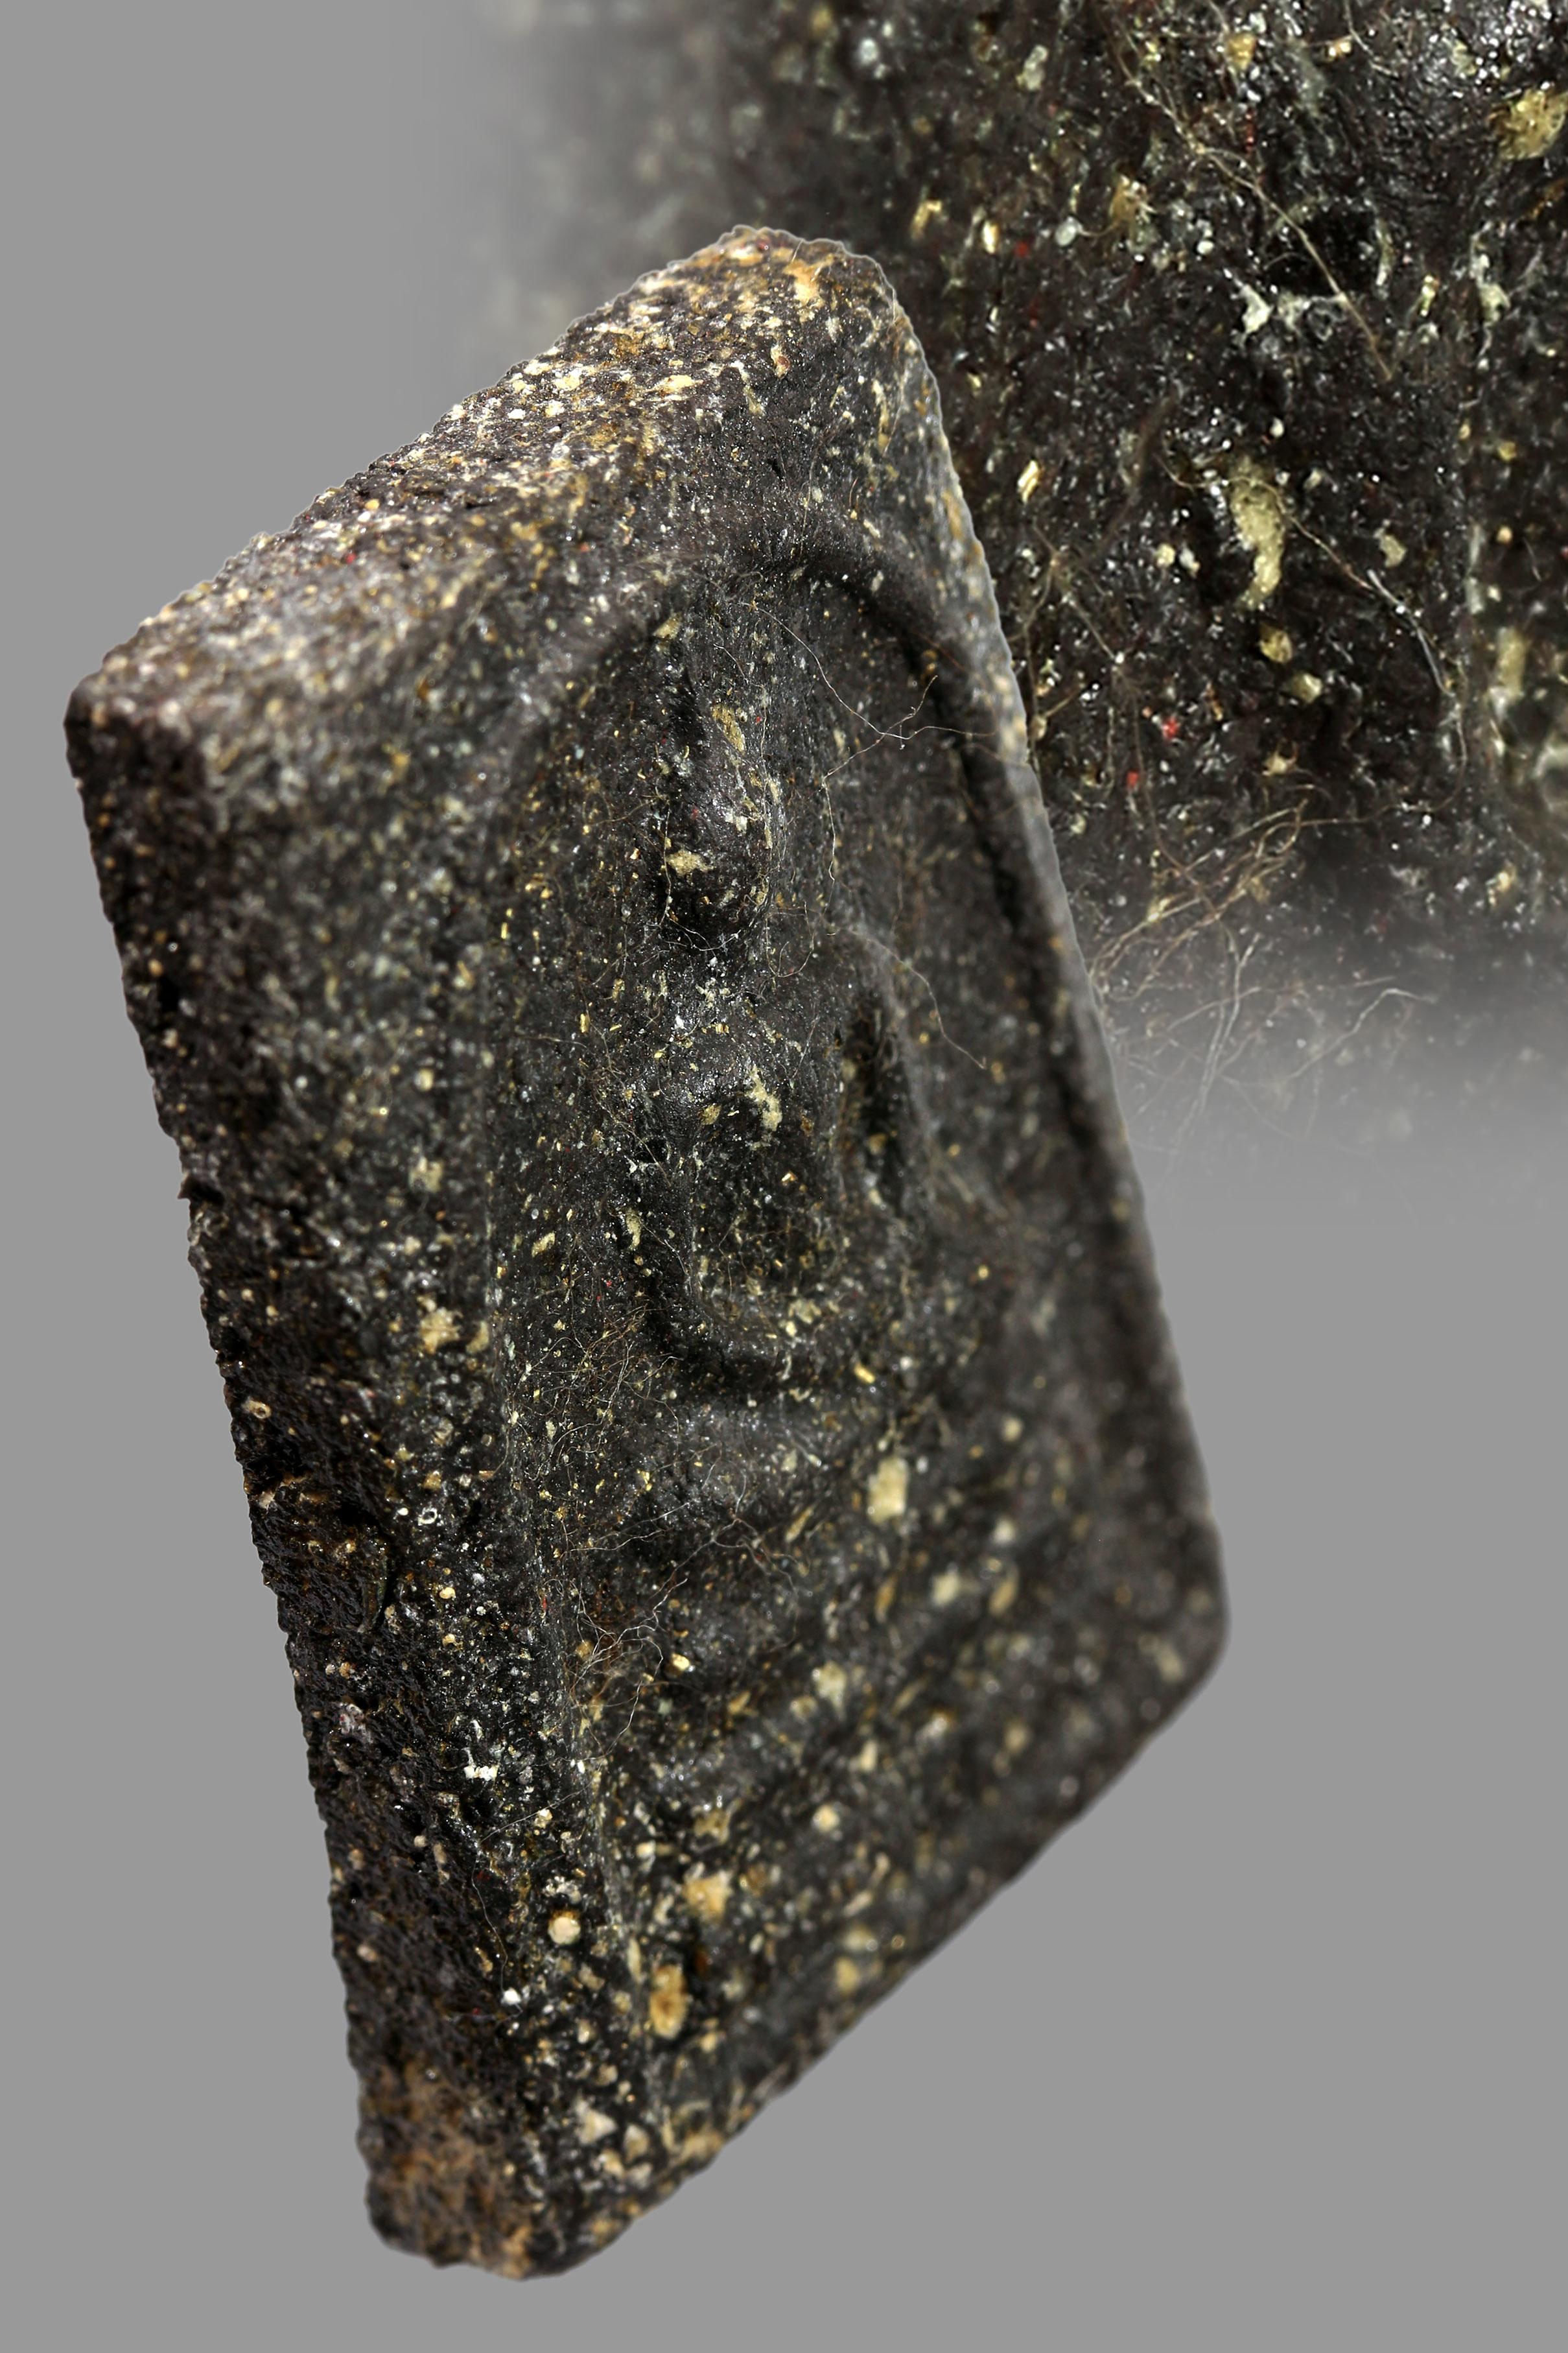 พระผงญาณวิลาศ พิมพ์ลึก หลวงพ่อแดง วัดเขาบันไดอิฐ จ.เพชรบุรี เนื้อดำ ปี2513